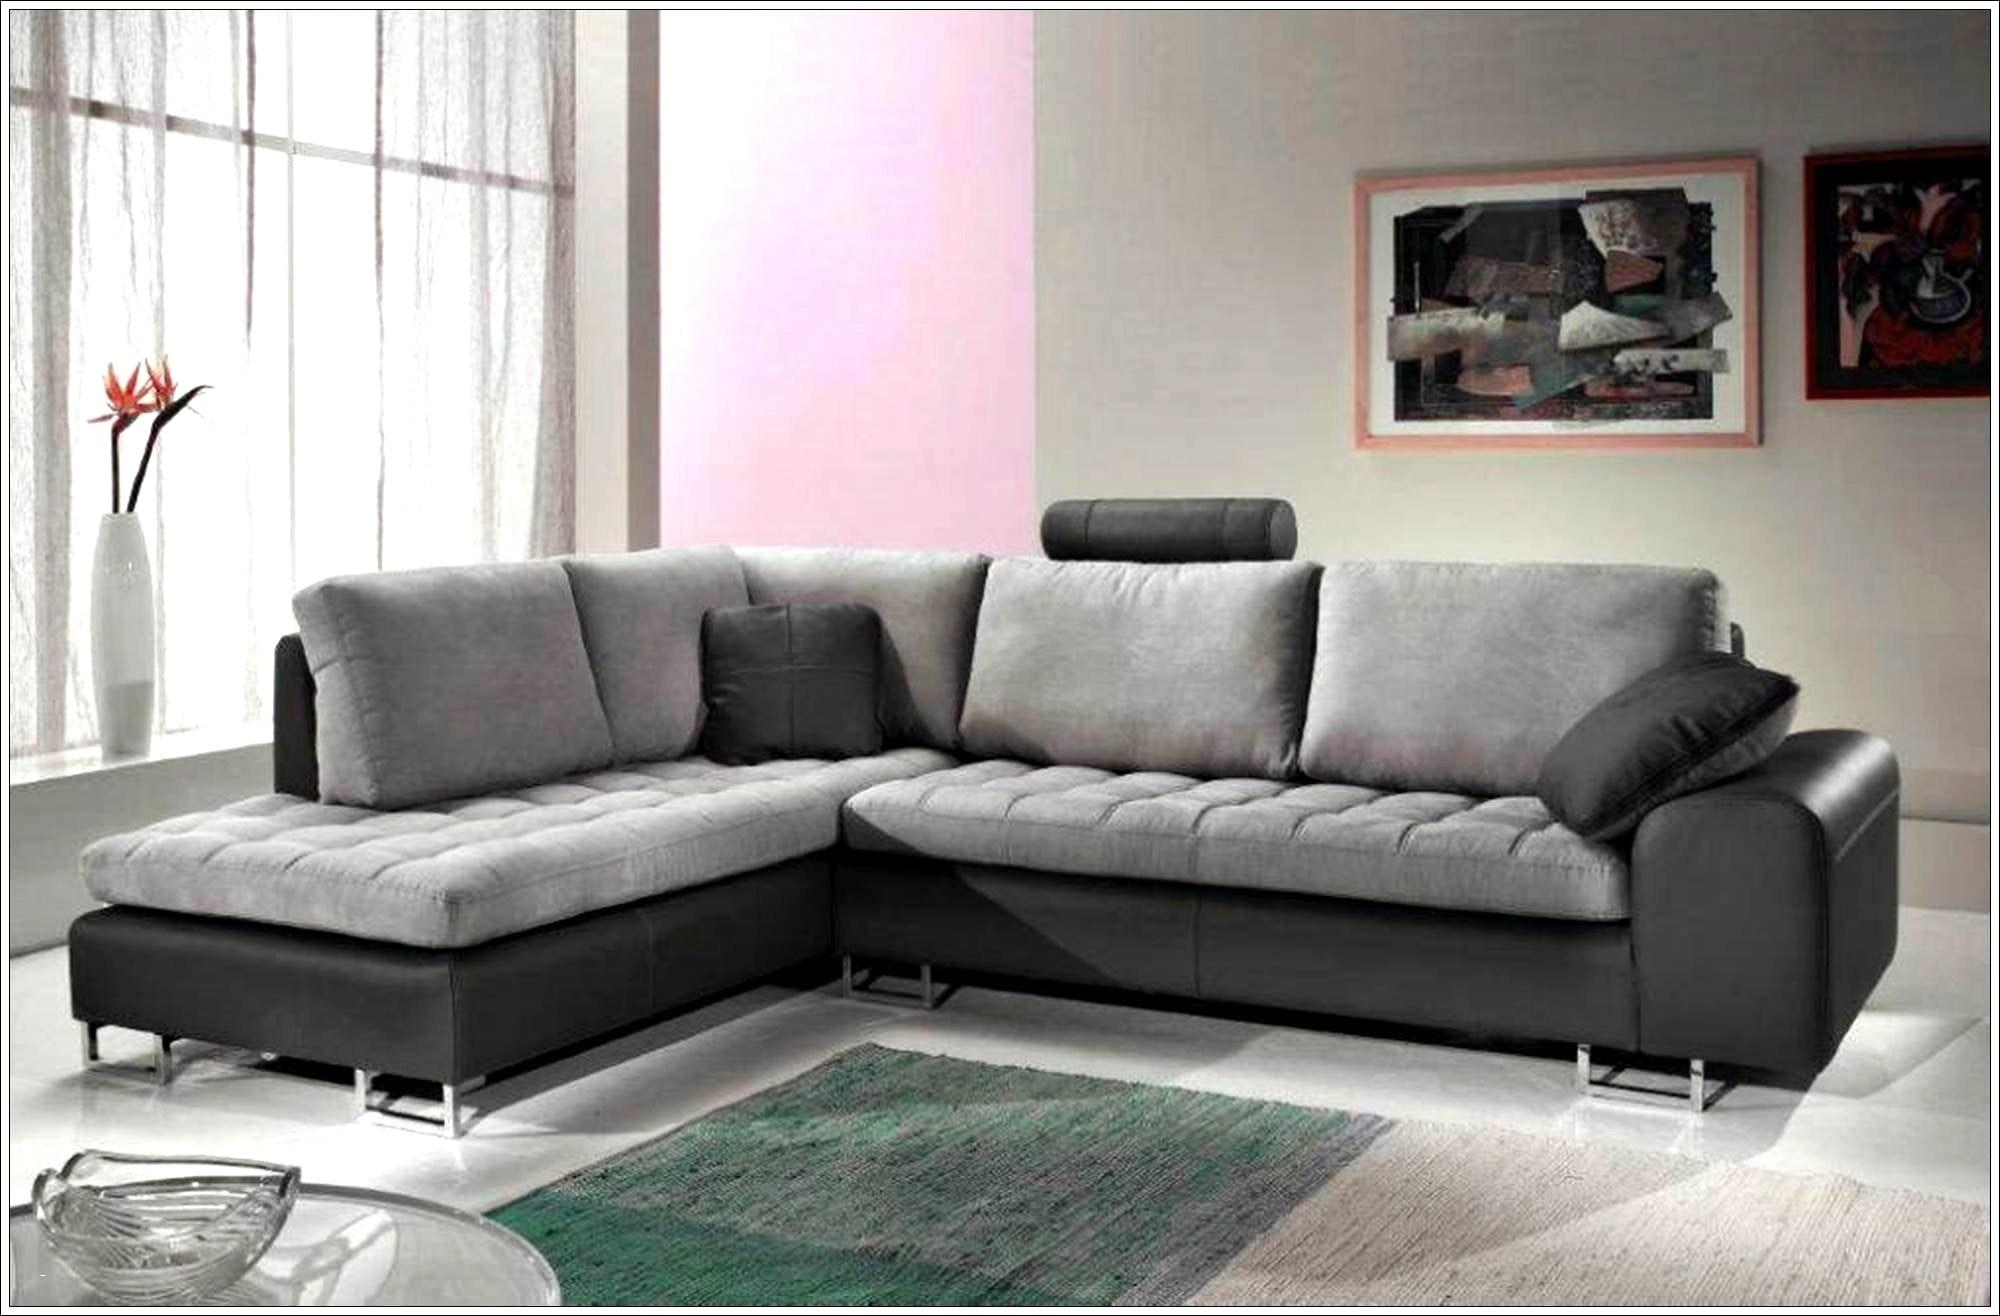 Housse De Canapé 3 Places Avec Accoudoir Pas Cher Impressionnant Galerie 27 Incroyable Canapé Design Convertible Design De Maison